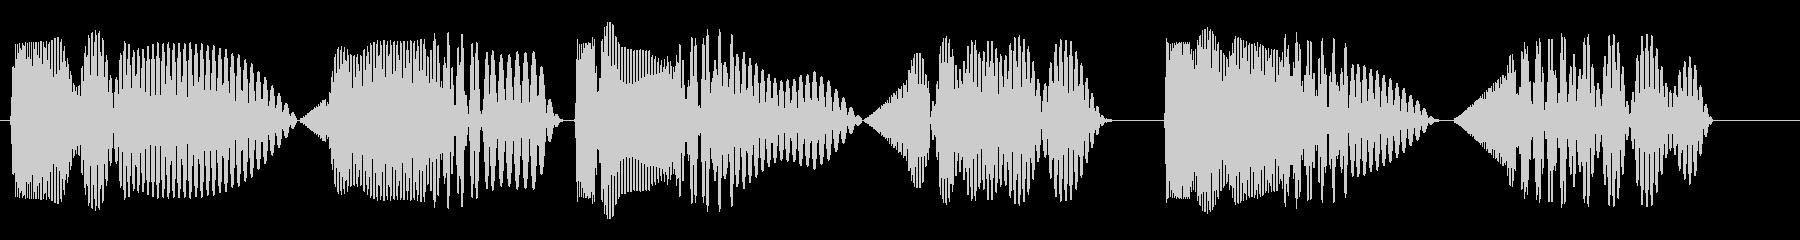 トゥクトゥクトゥク(アイキャッチなど)の未再生の波形